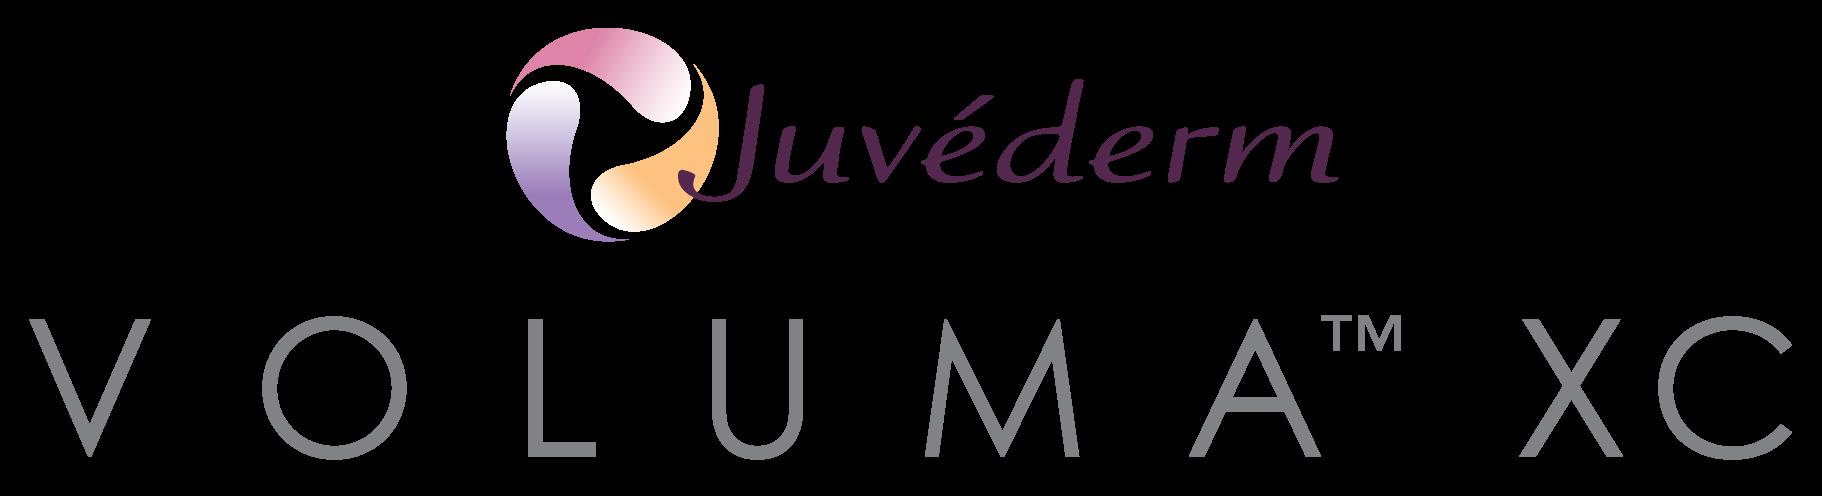 Voluma-XC-logo-.png